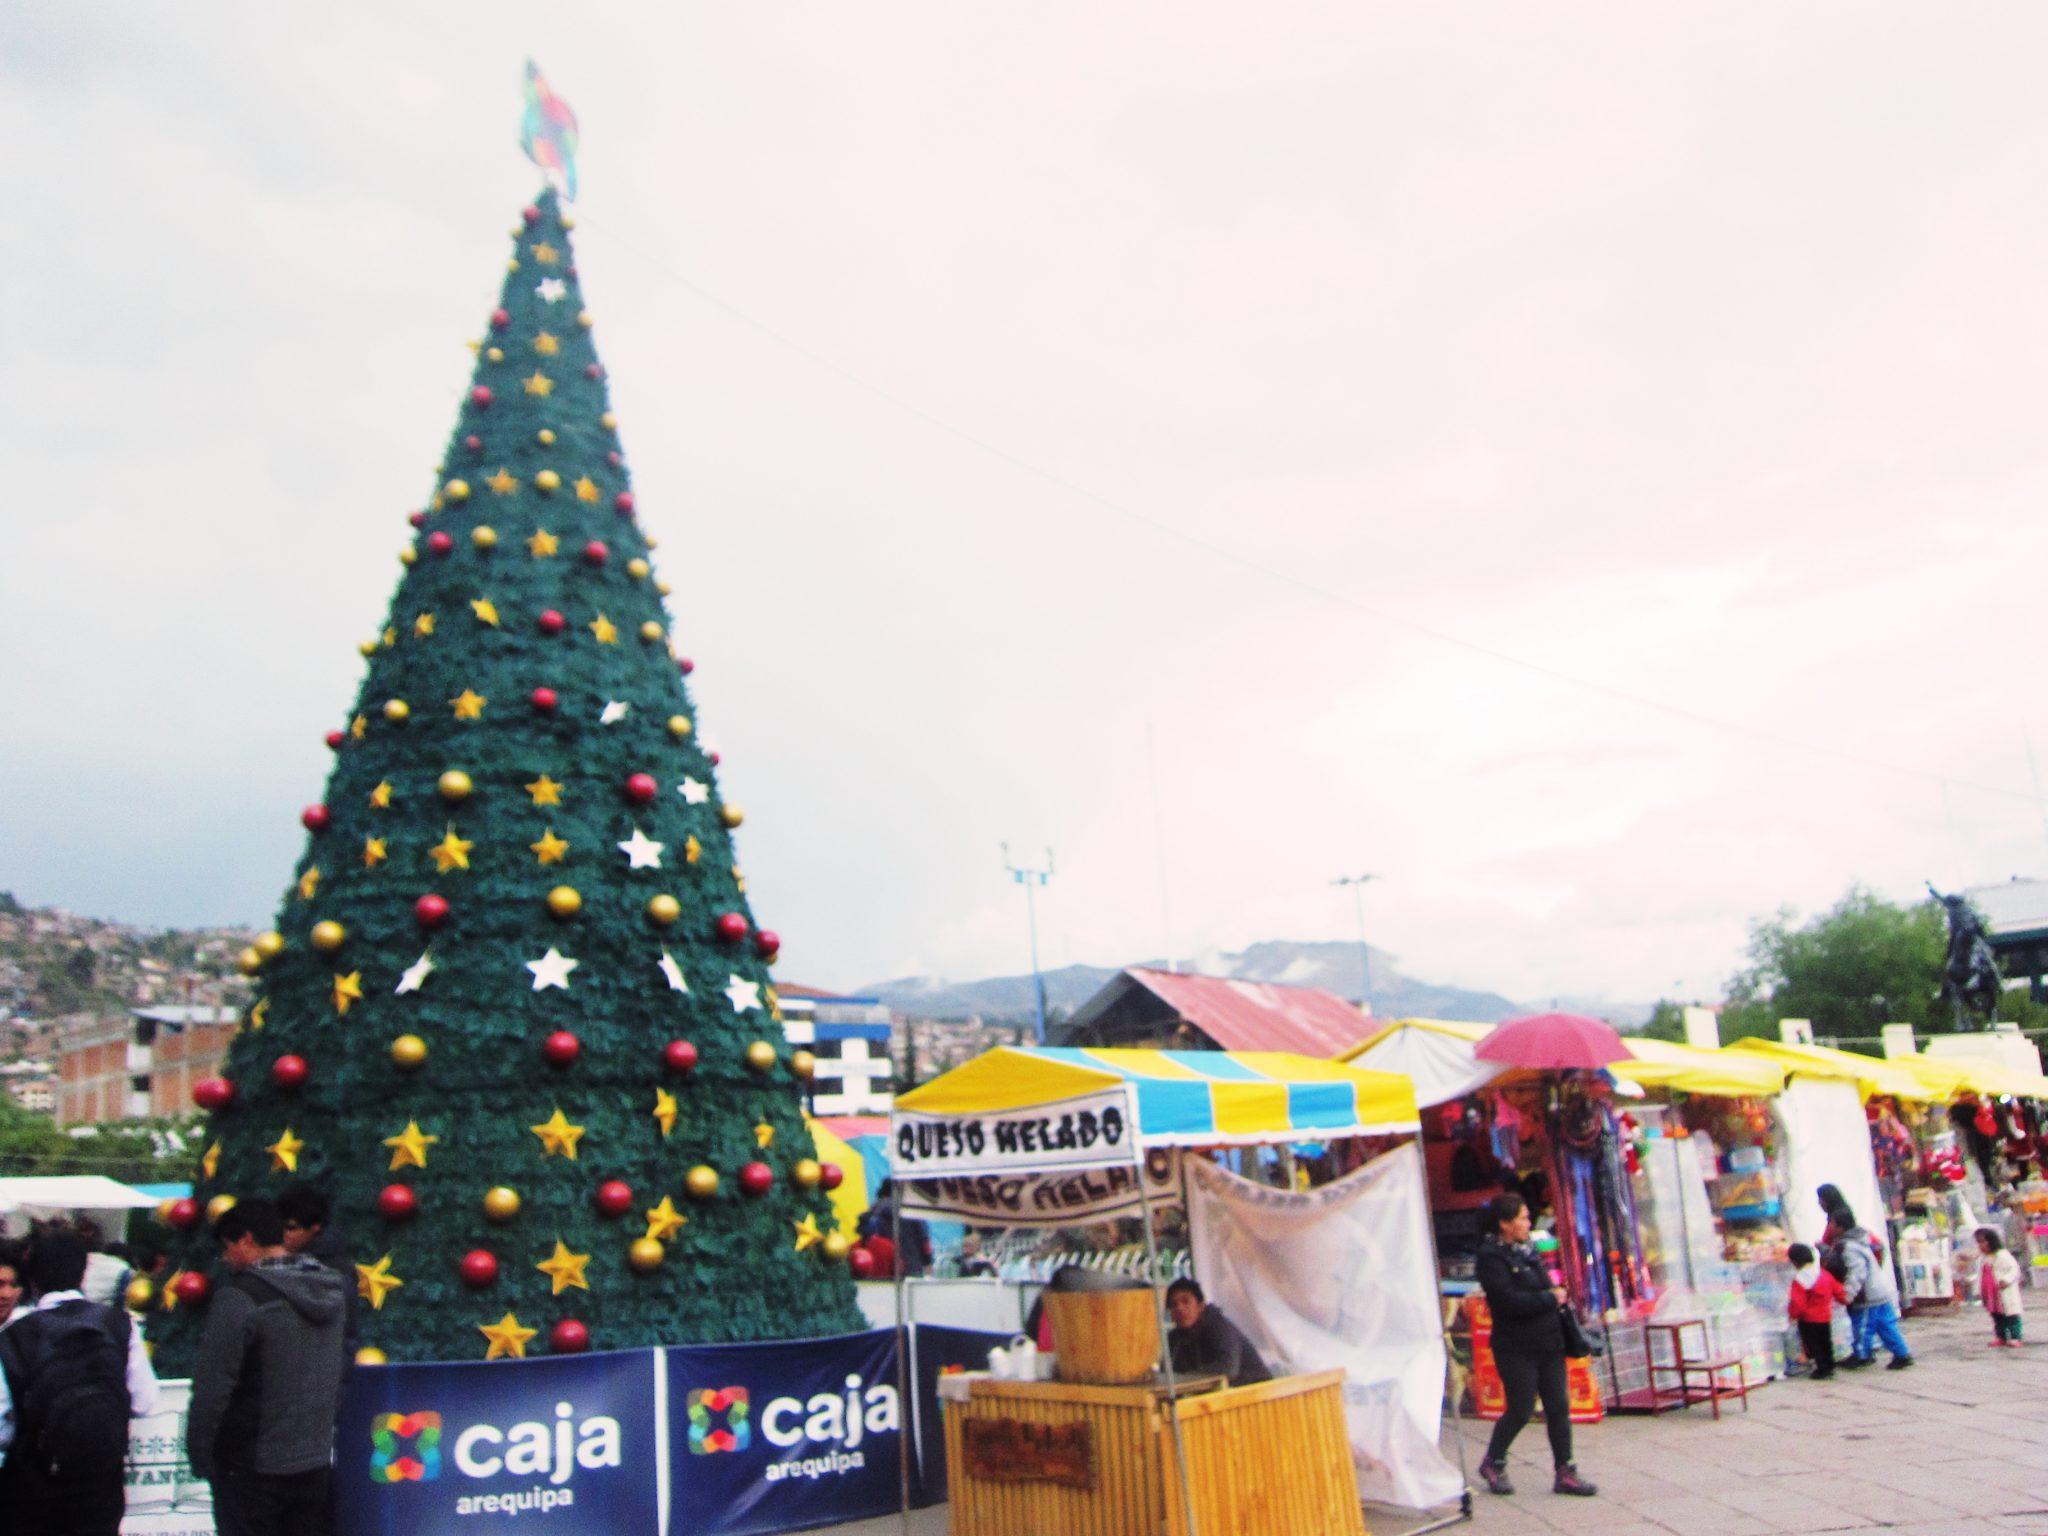 ペルー、クスコ、クリスマス、クリスマス商戦